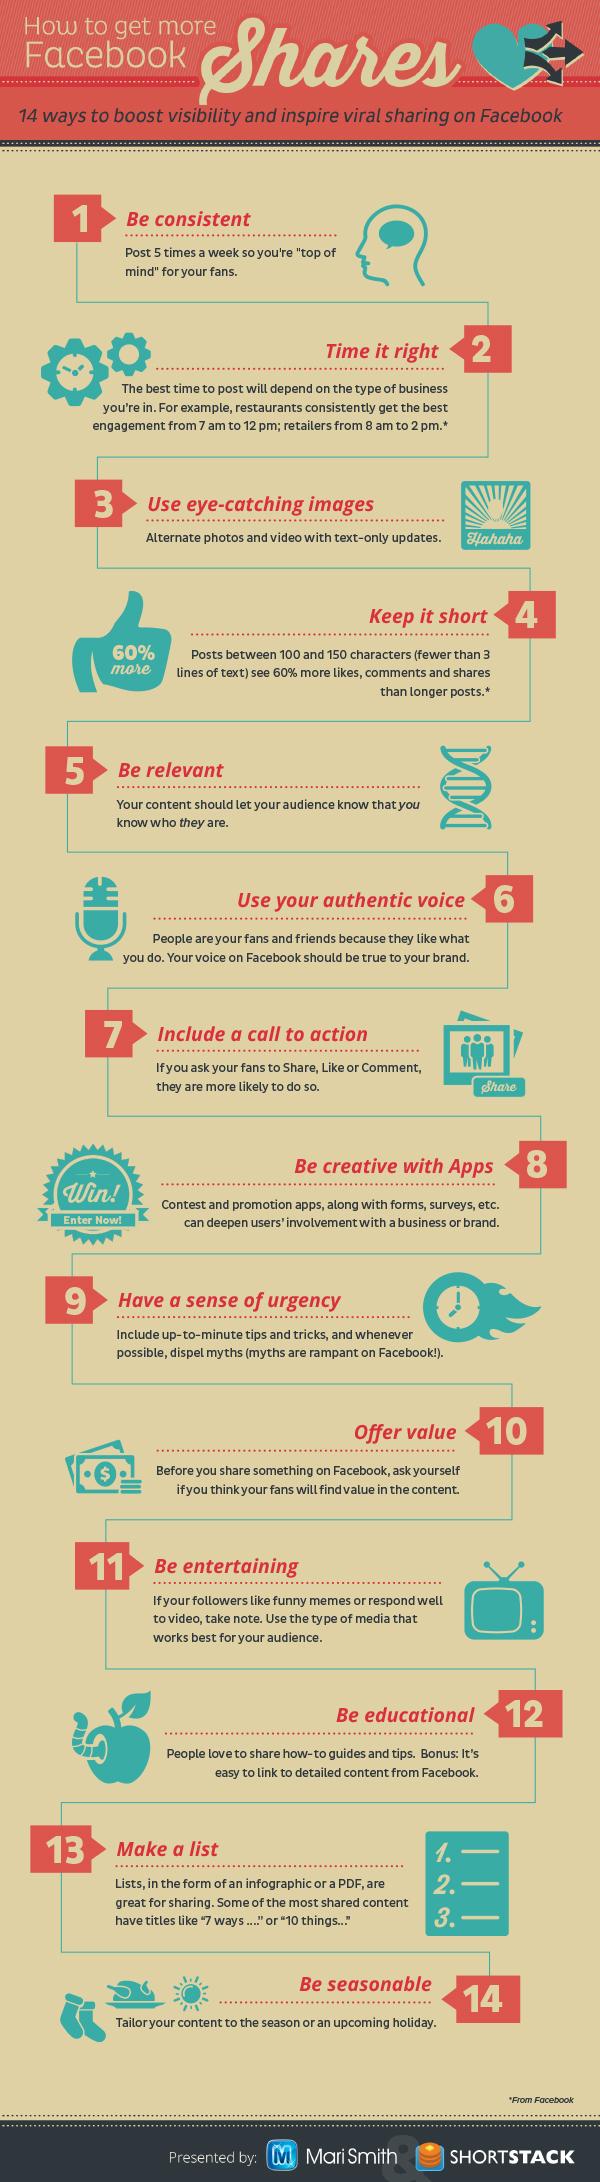 14 Möglichkeiten, mehr Facebook Shares zu bekommen